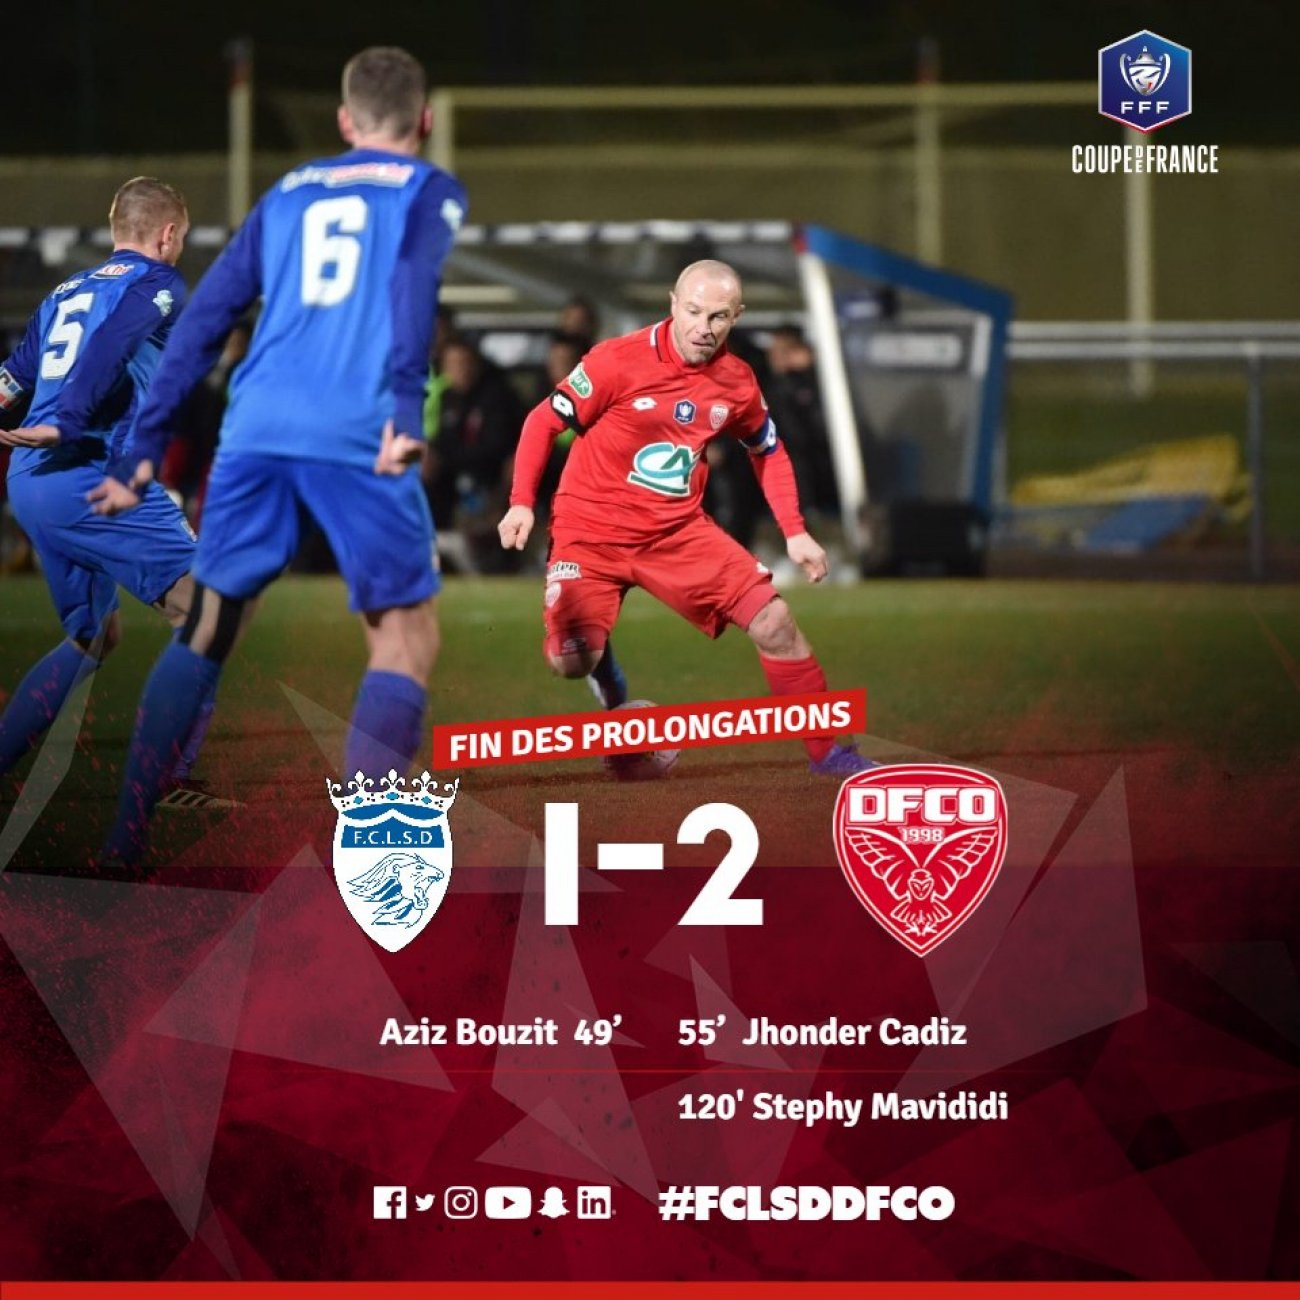 Football le dfco tient sa place en quarts de finale de - Places finale coupe de france ...